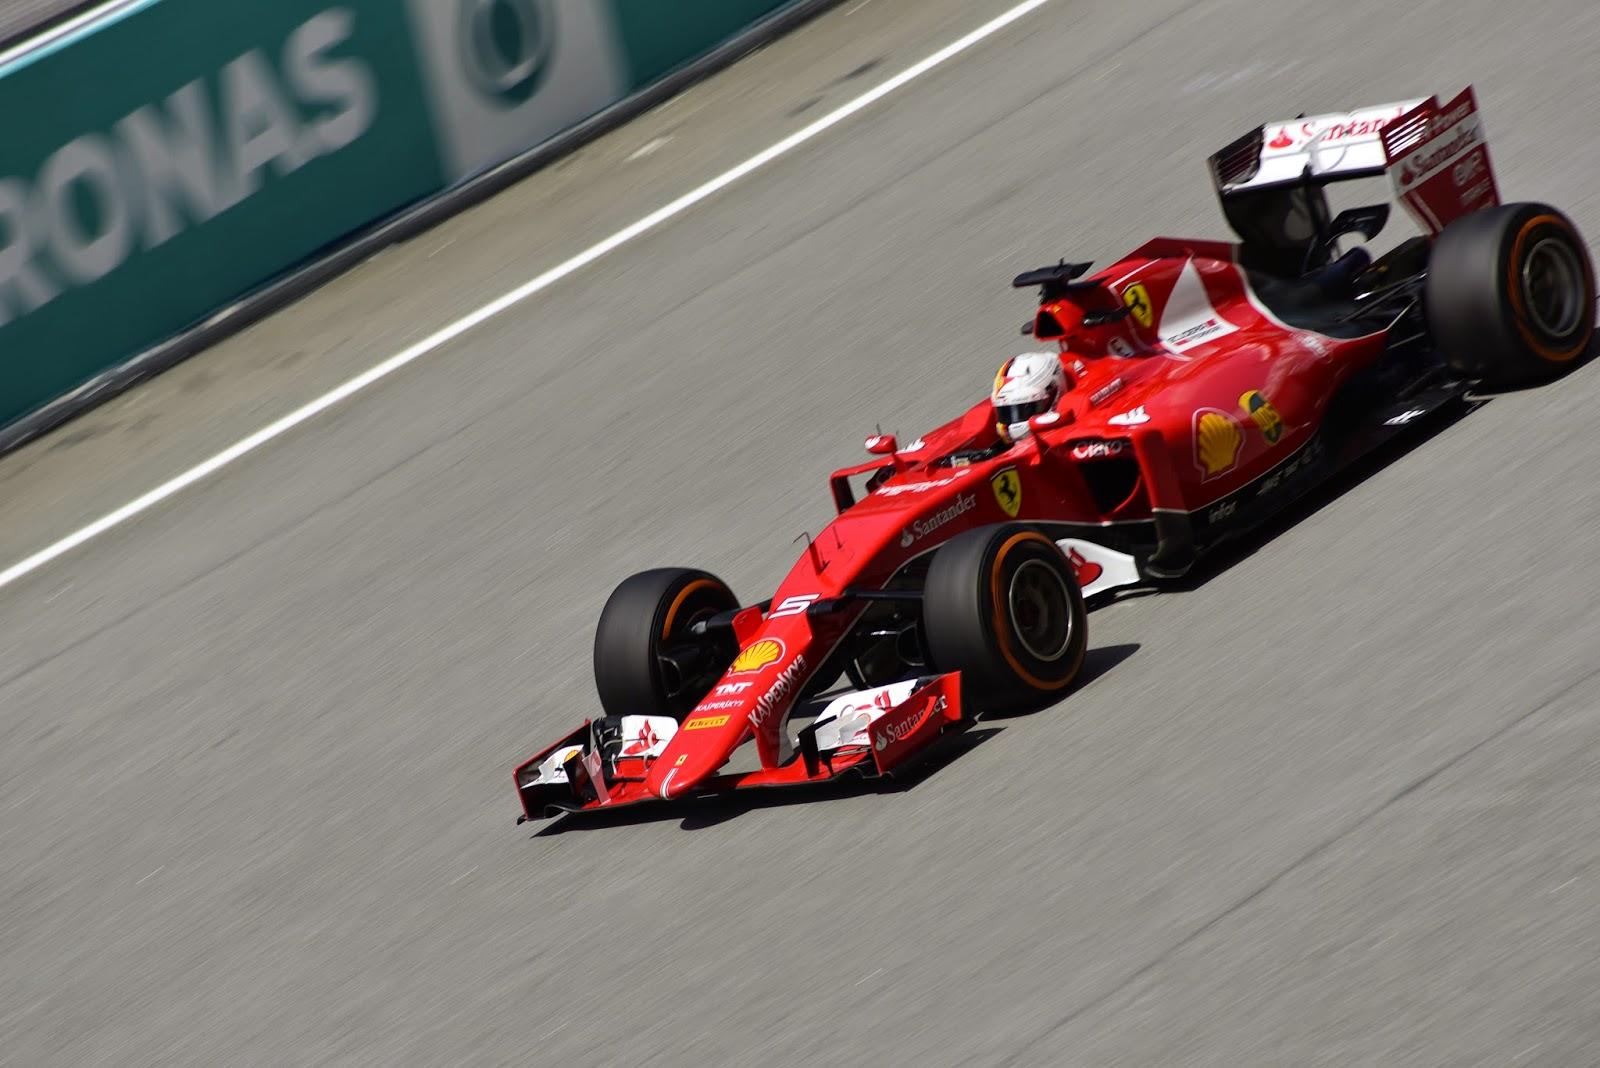 Picture of Sebastian Vettel in Ferrari F1